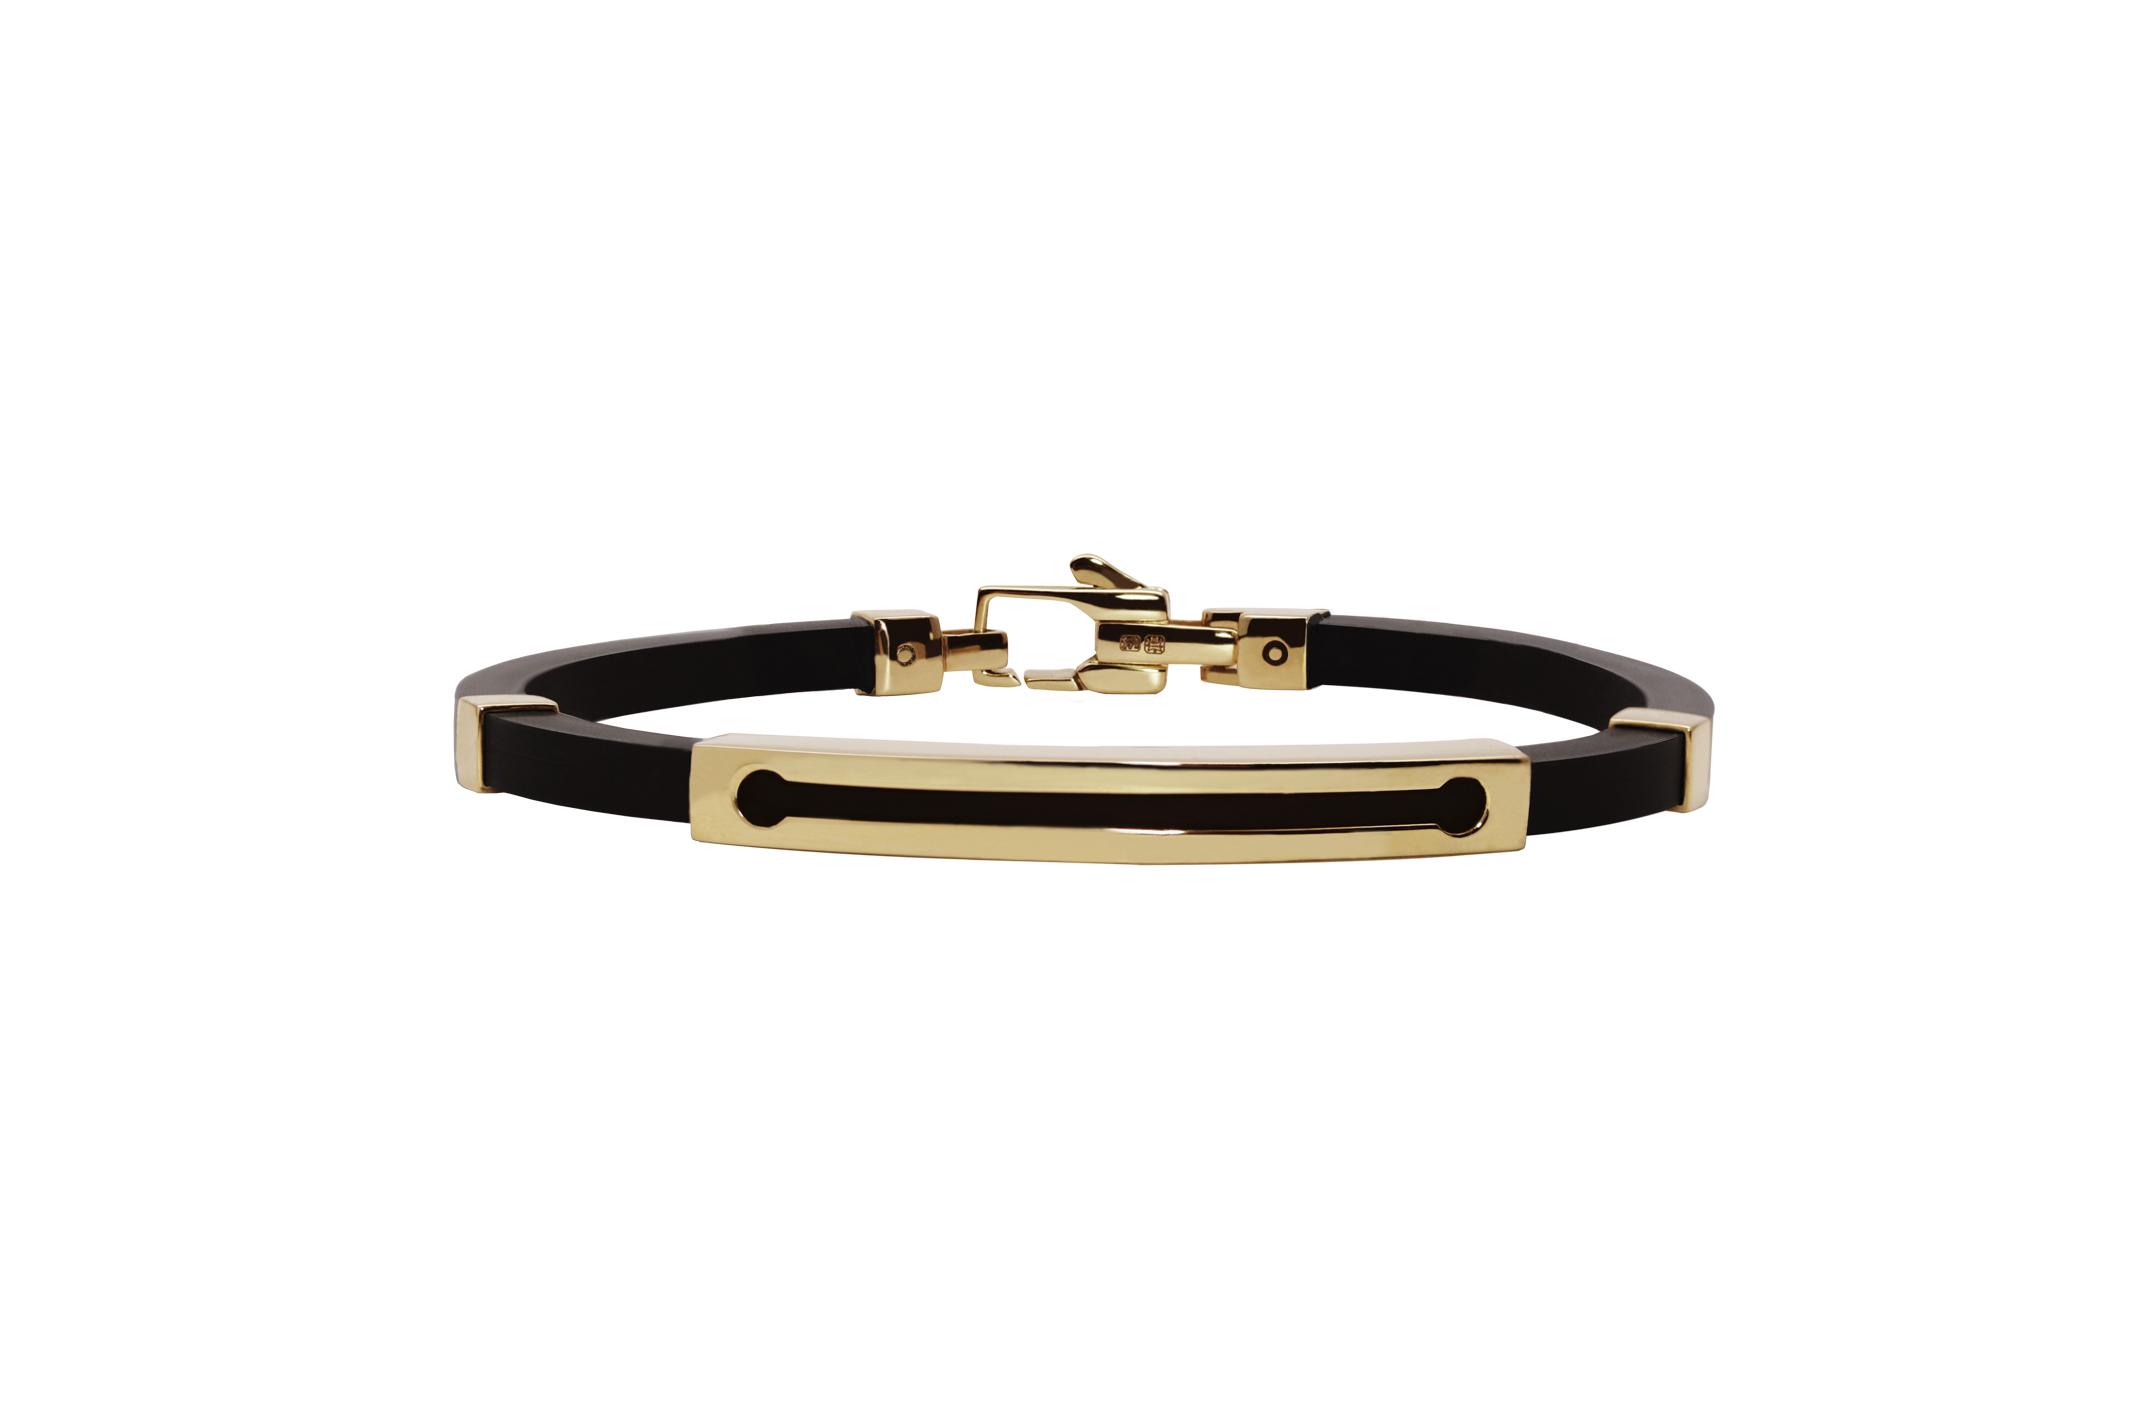 Joia: pulseira;Material: ouro 19.25 kt;Peso: 12.3 gr;Cor: amarelo;Medida Largura: 0.5 cm;Media Comprimento: ajustável a pedido;Género: homem